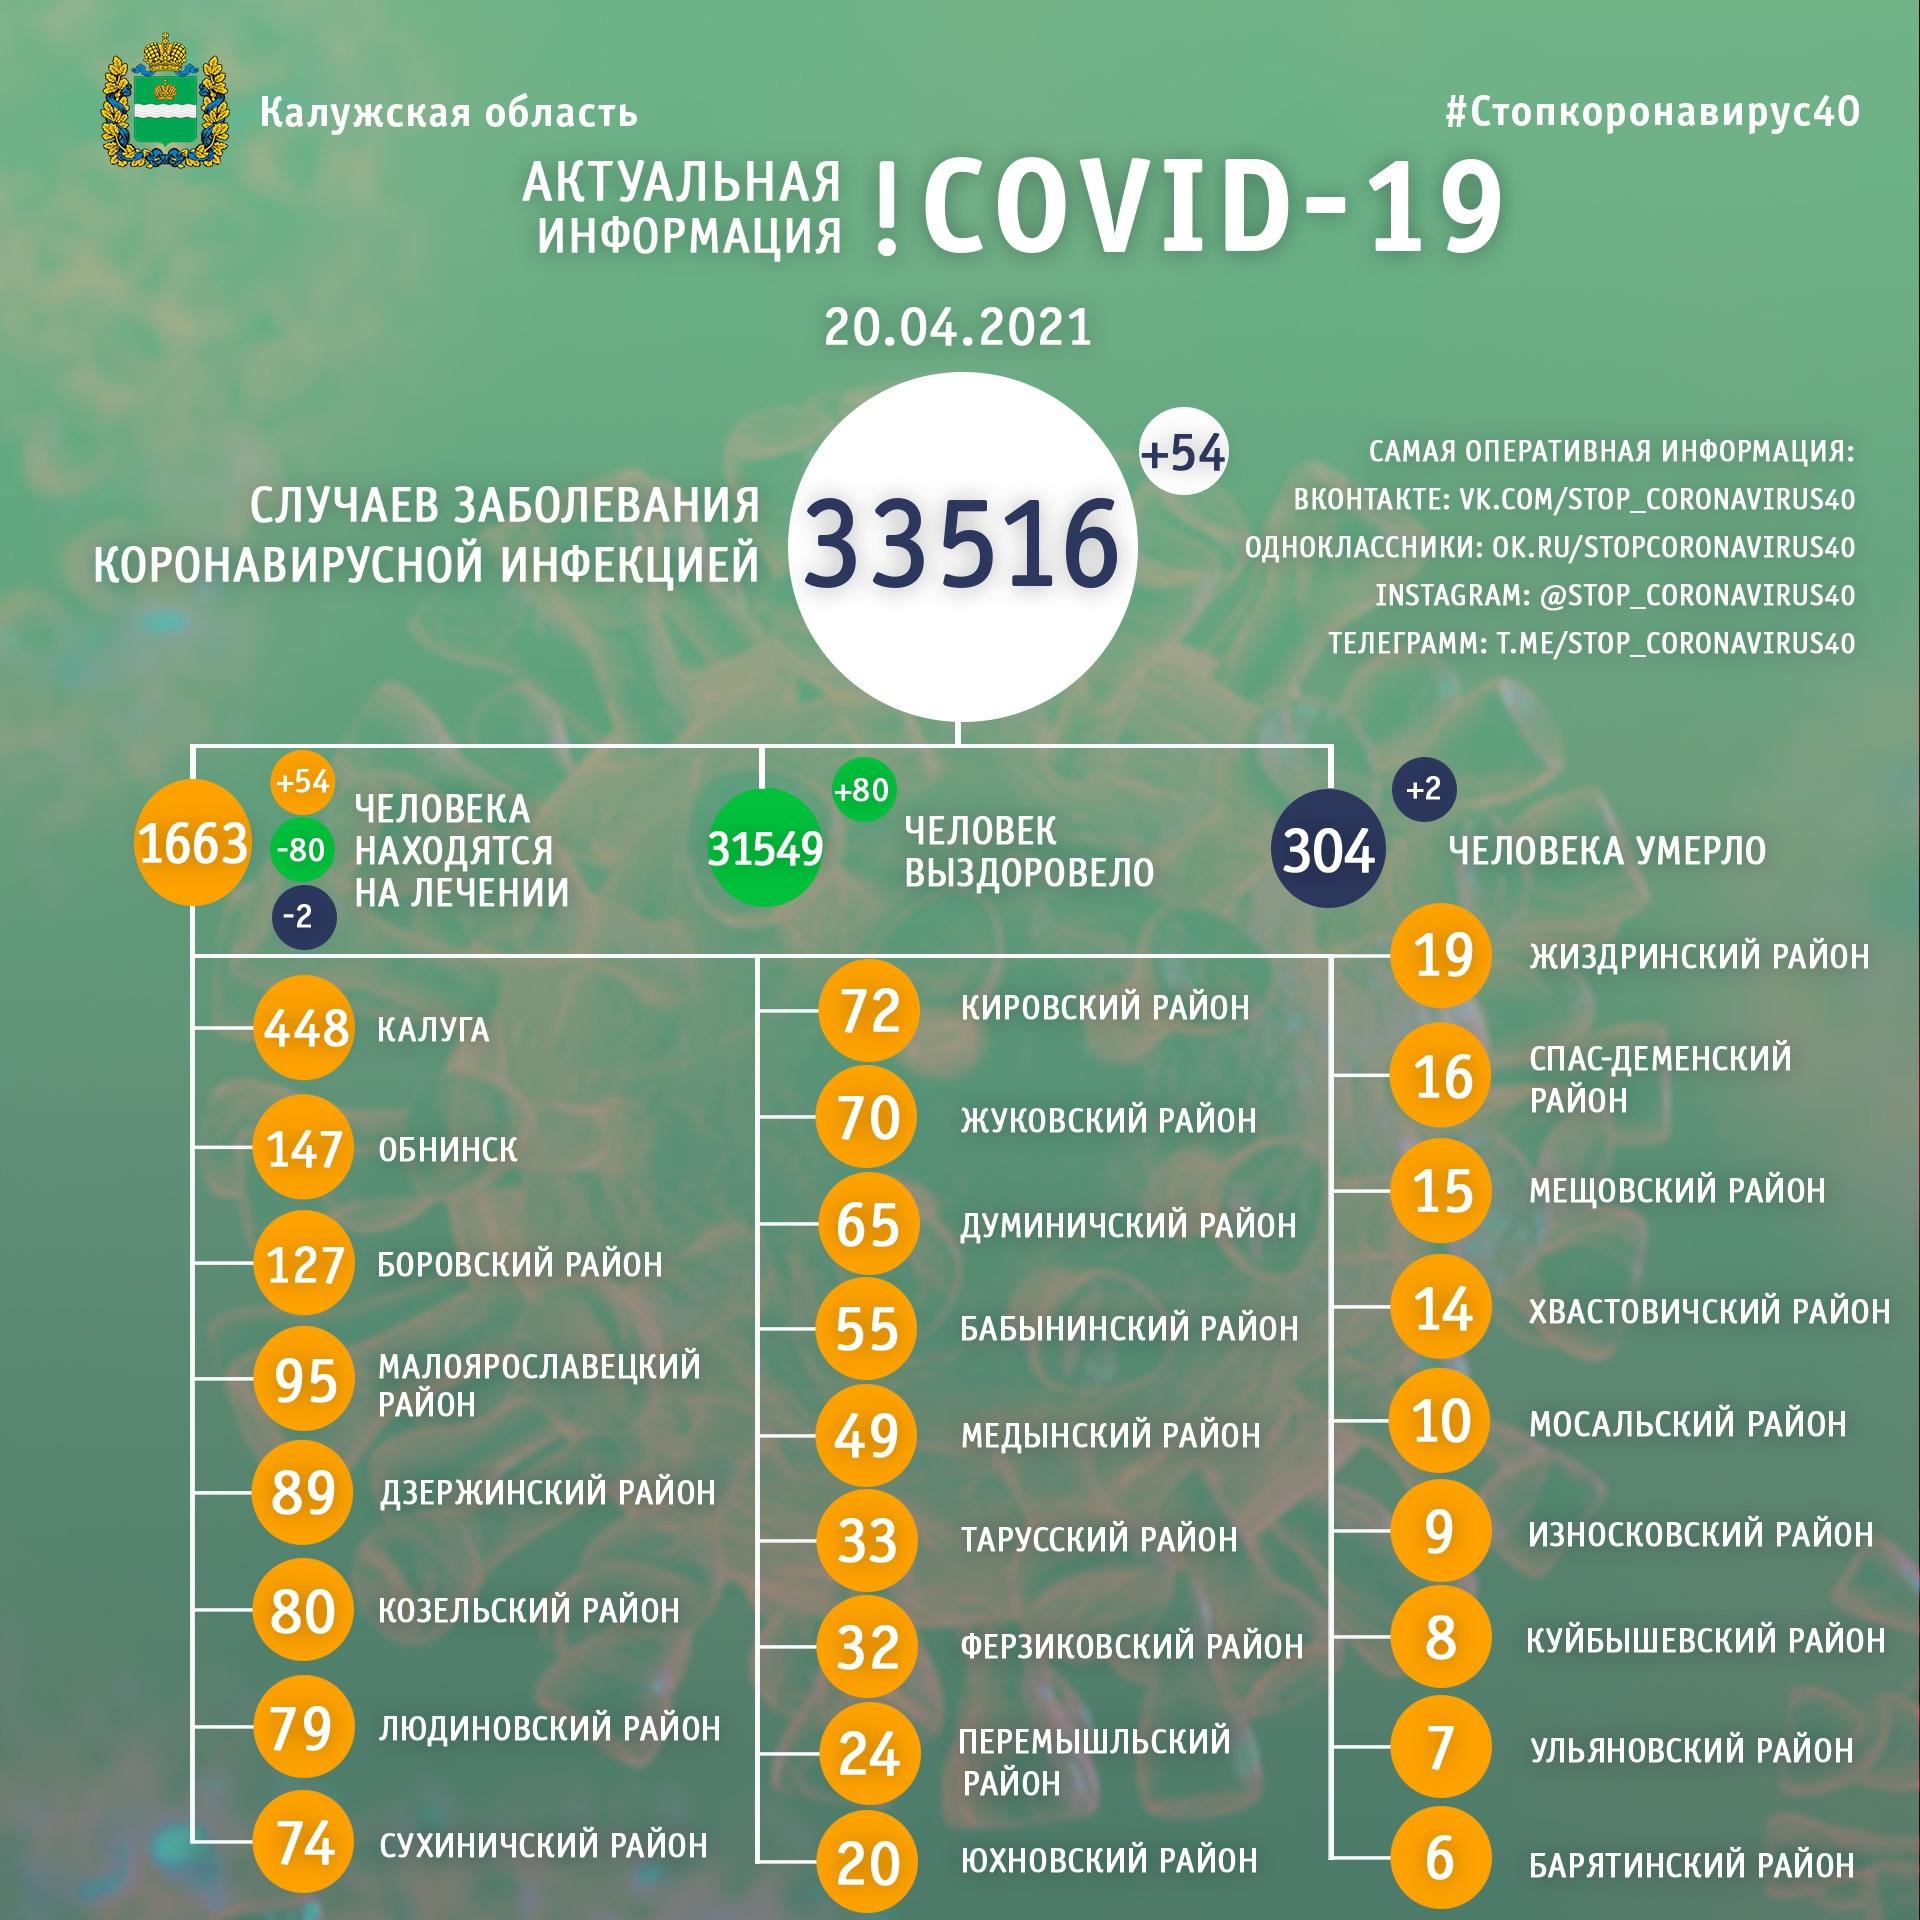 Официальная статистика по коронавирусу в Калужской области на 20 апреля 2021 года.